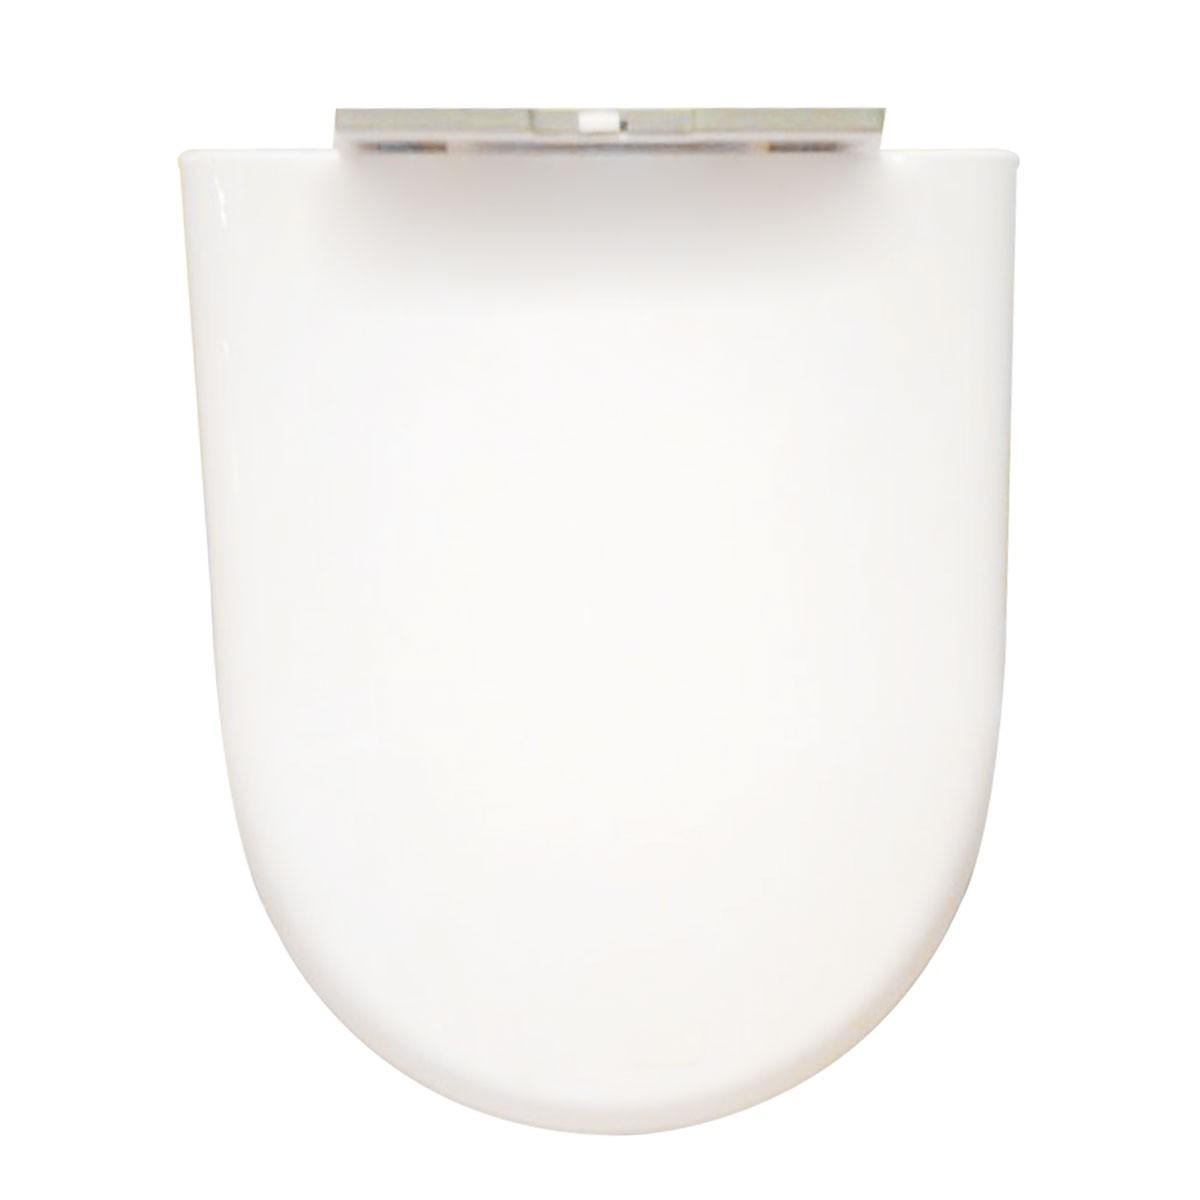 Siège de Toilette Blanc à Fermeture Douce avec Couvercle en PP (DK-CL-026)